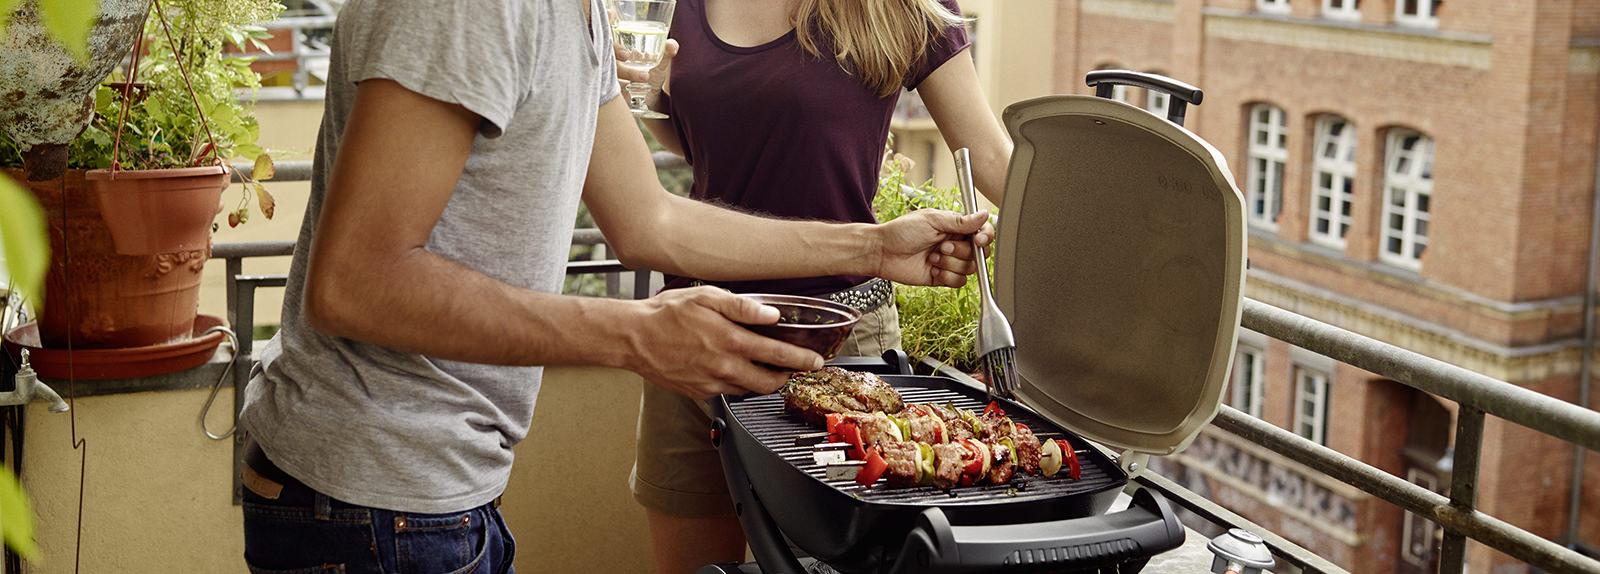 barbecues lectriques weber grill lectrique barbecue en ville sur un balcon ou terrasse. Black Bedroom Furniture Sets. Home Design Ideas